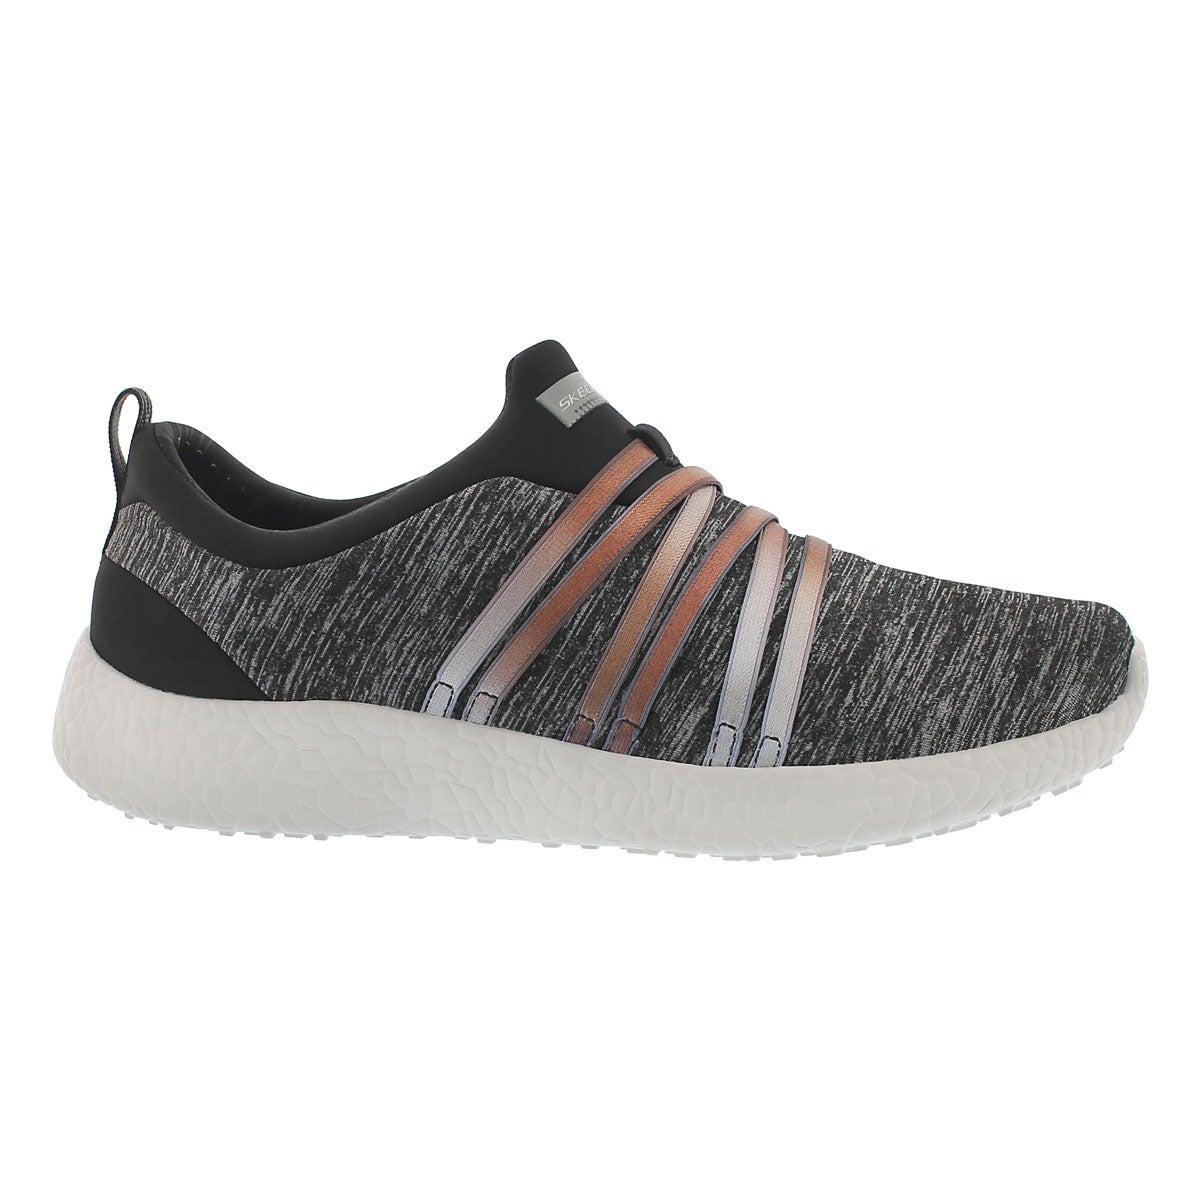 Lds Alter Ego black slip on sneaker